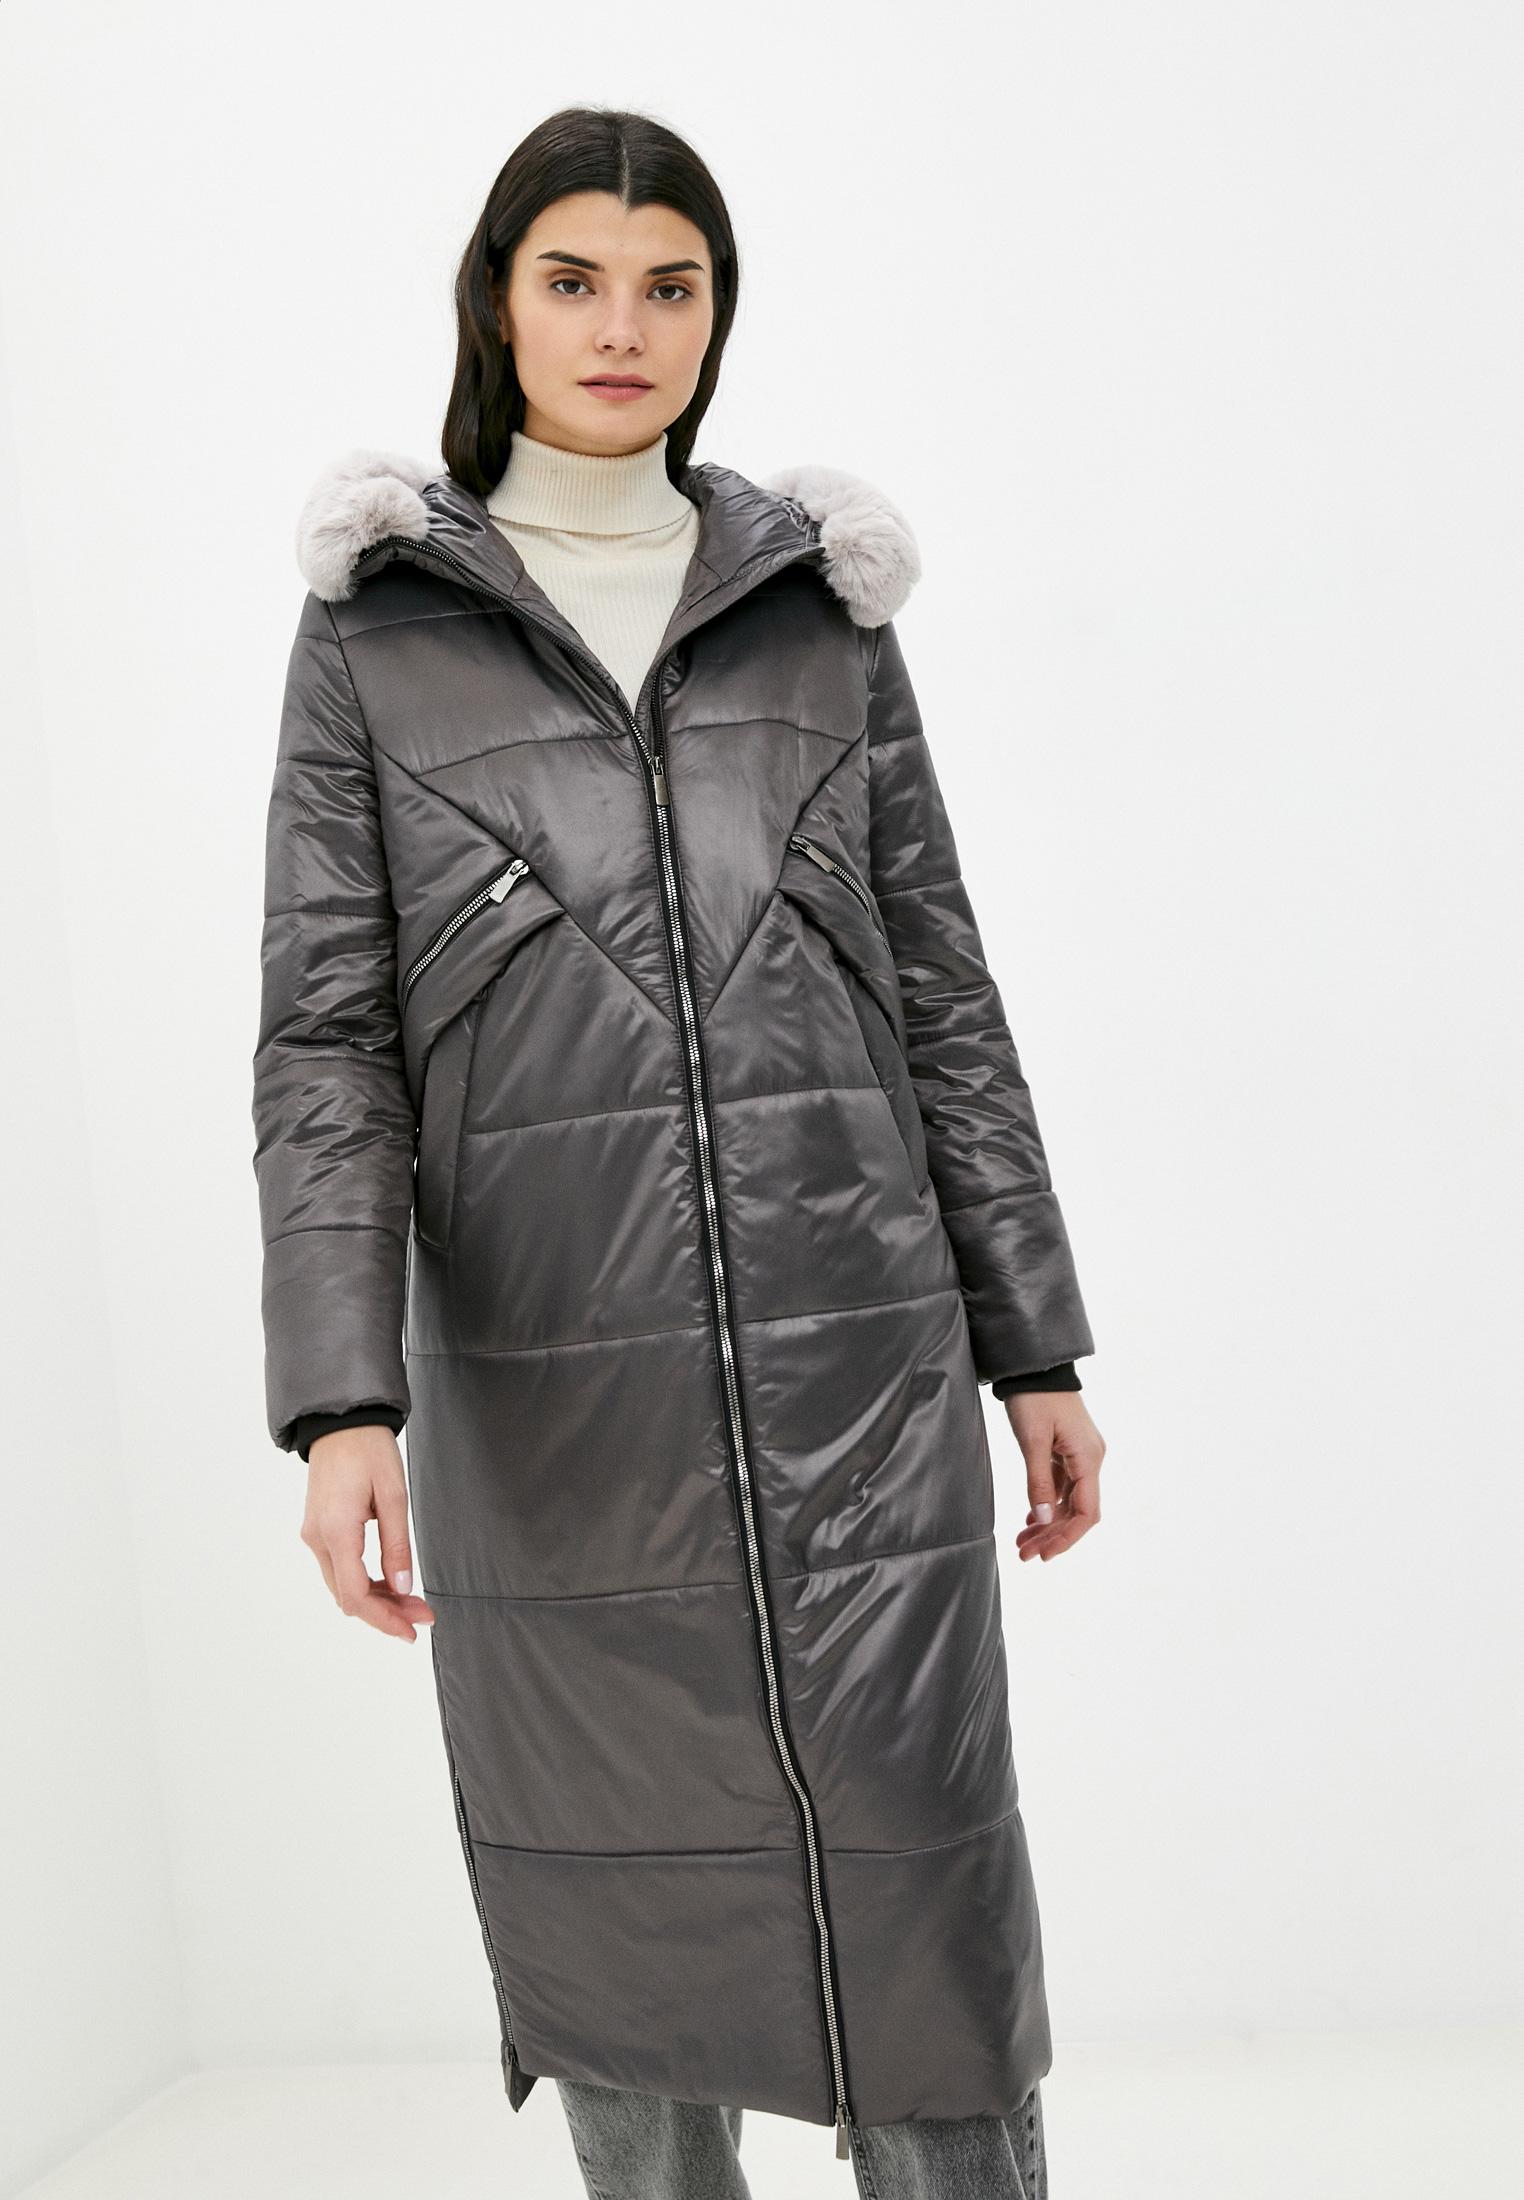 Утепленная куртка Nataliy Beate Пальто мод 163